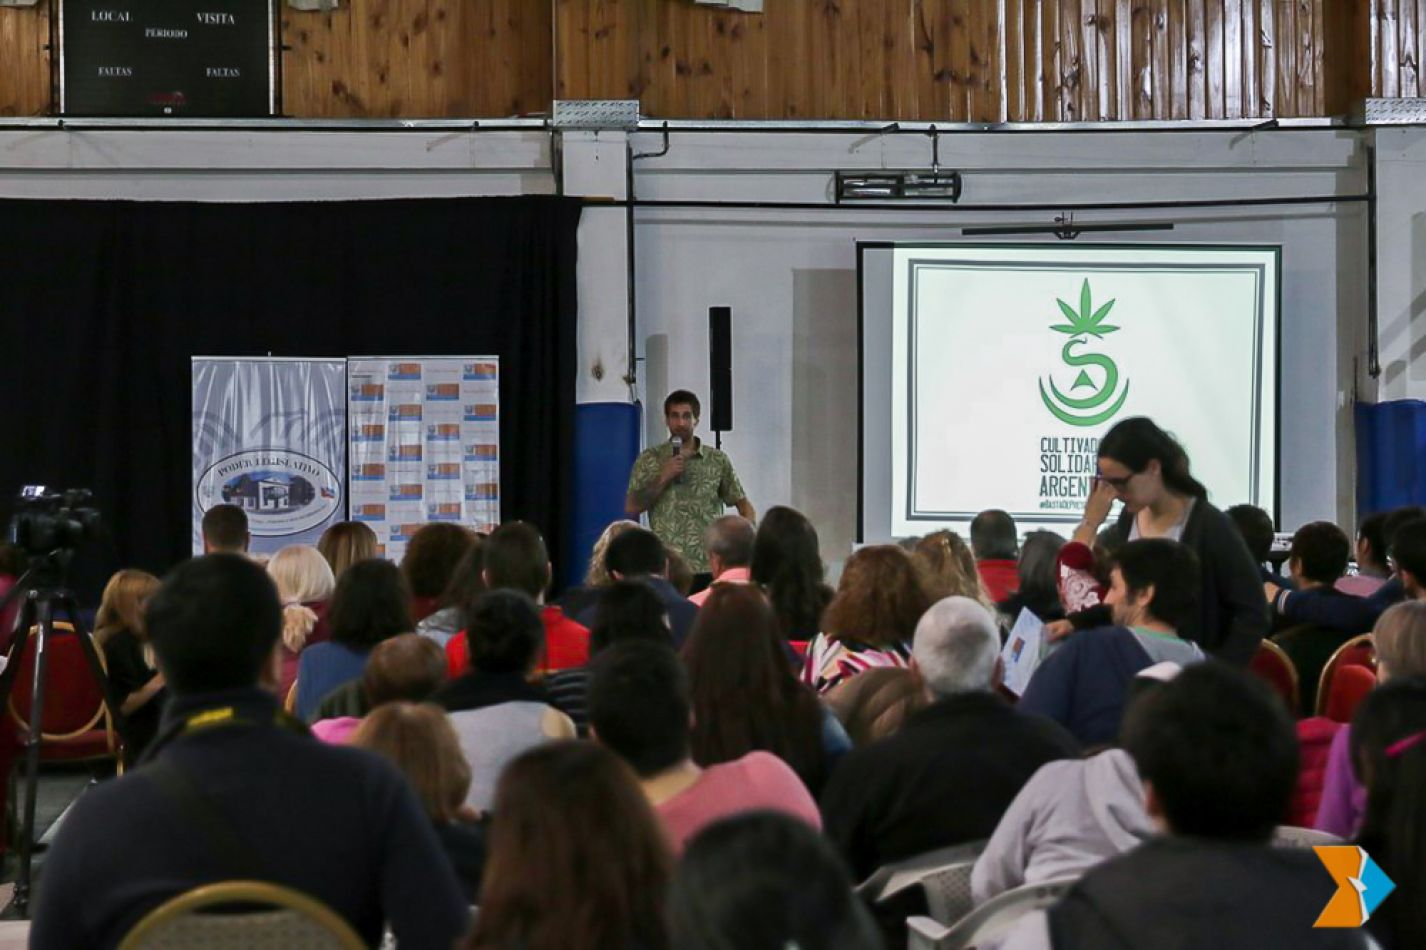 Masiva asistencia al seminario de cannabis terapéutico y salud